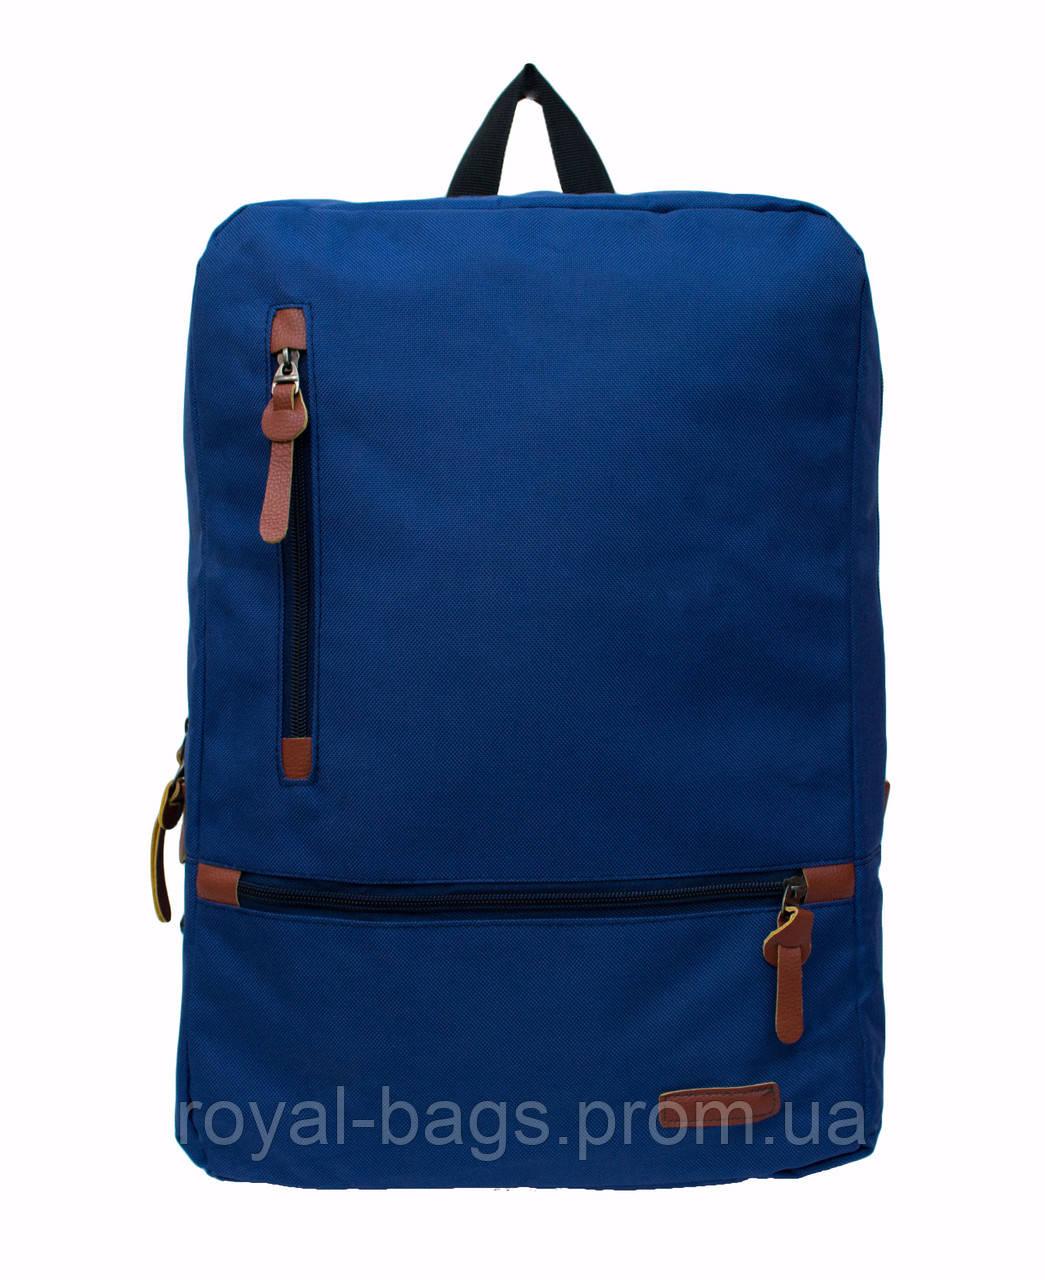 Рюкзак City backpack 4 Цвета Синий